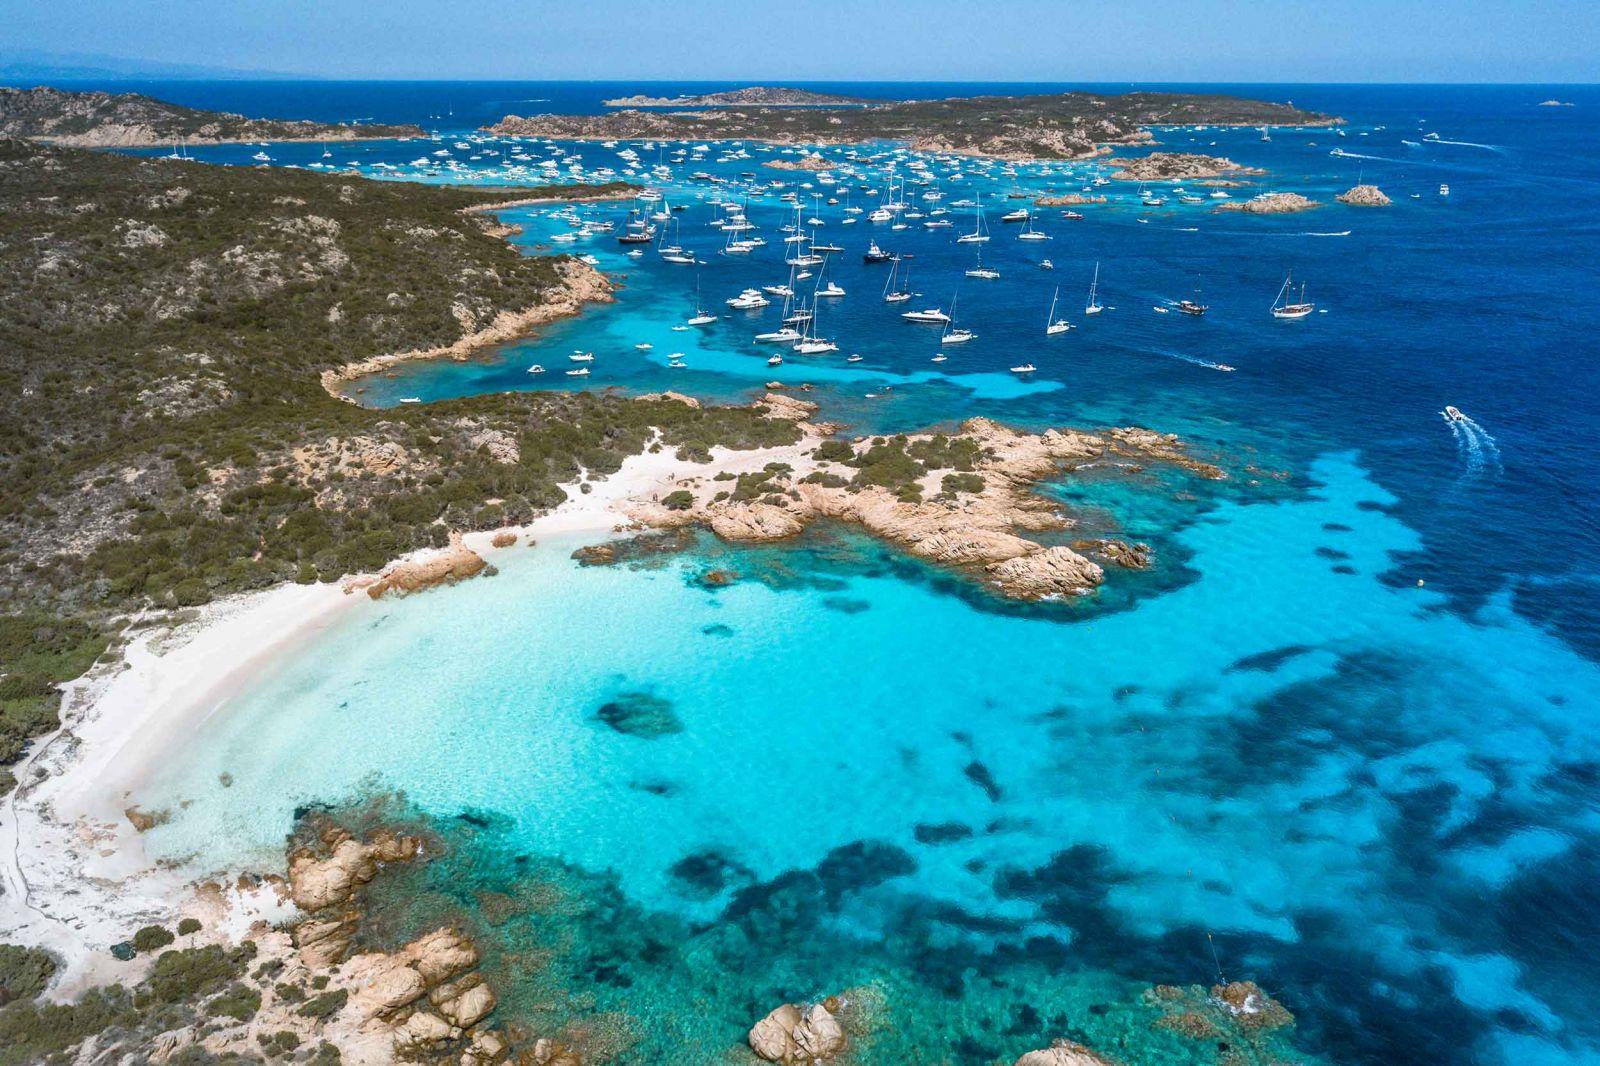 Spiaggia rosa di Budelli, gite in barca, tour delle isole della Maddalena